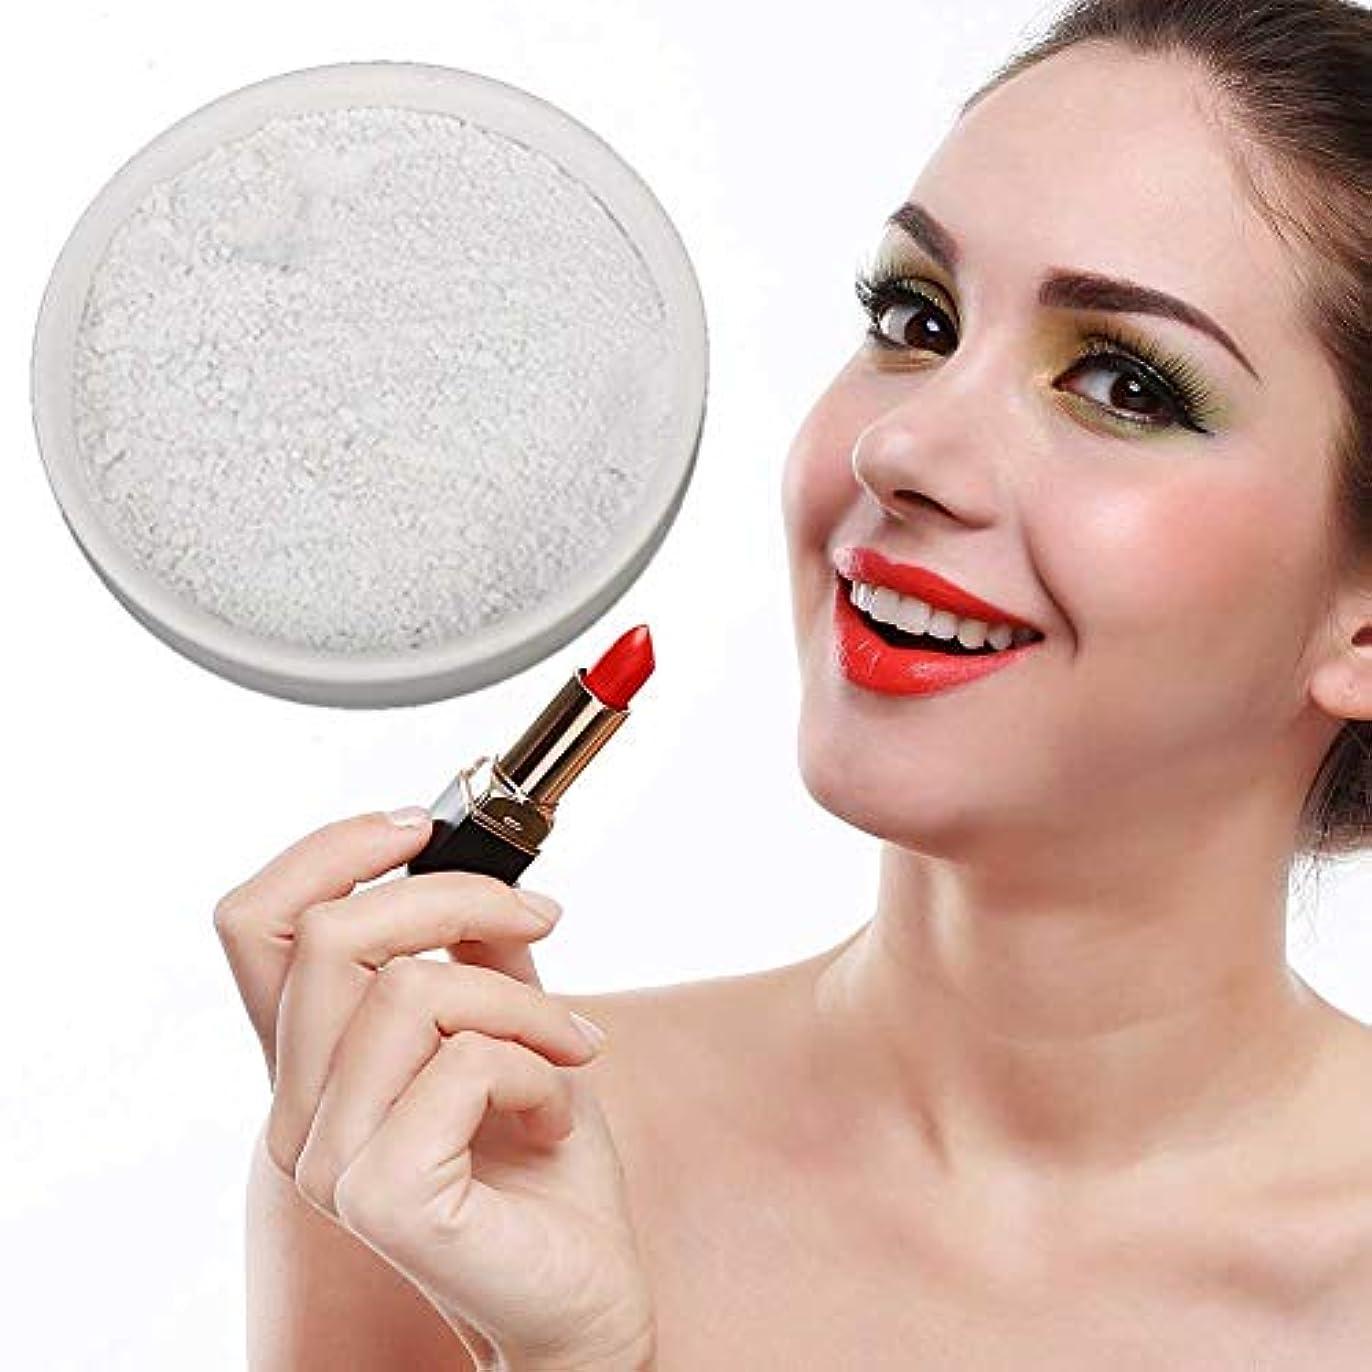 ジョージエリオット礼拝宣言マットアイシャドウパウダー口紅赤面用500 g化粧品DIY原料化粧DIY素材